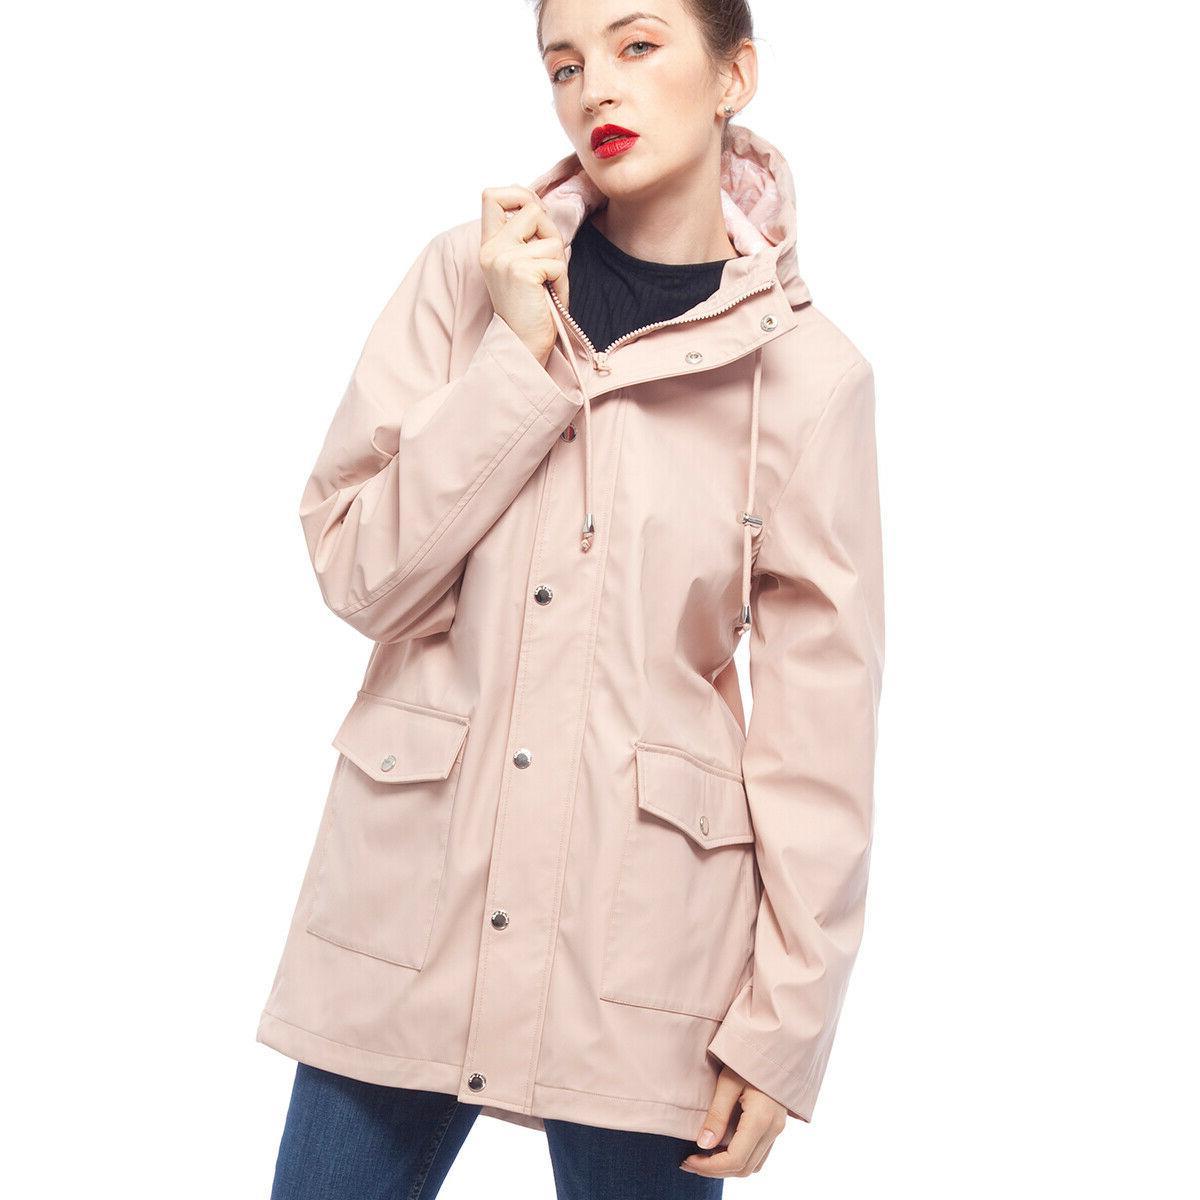 women s waterproof casual hooded rain jacket